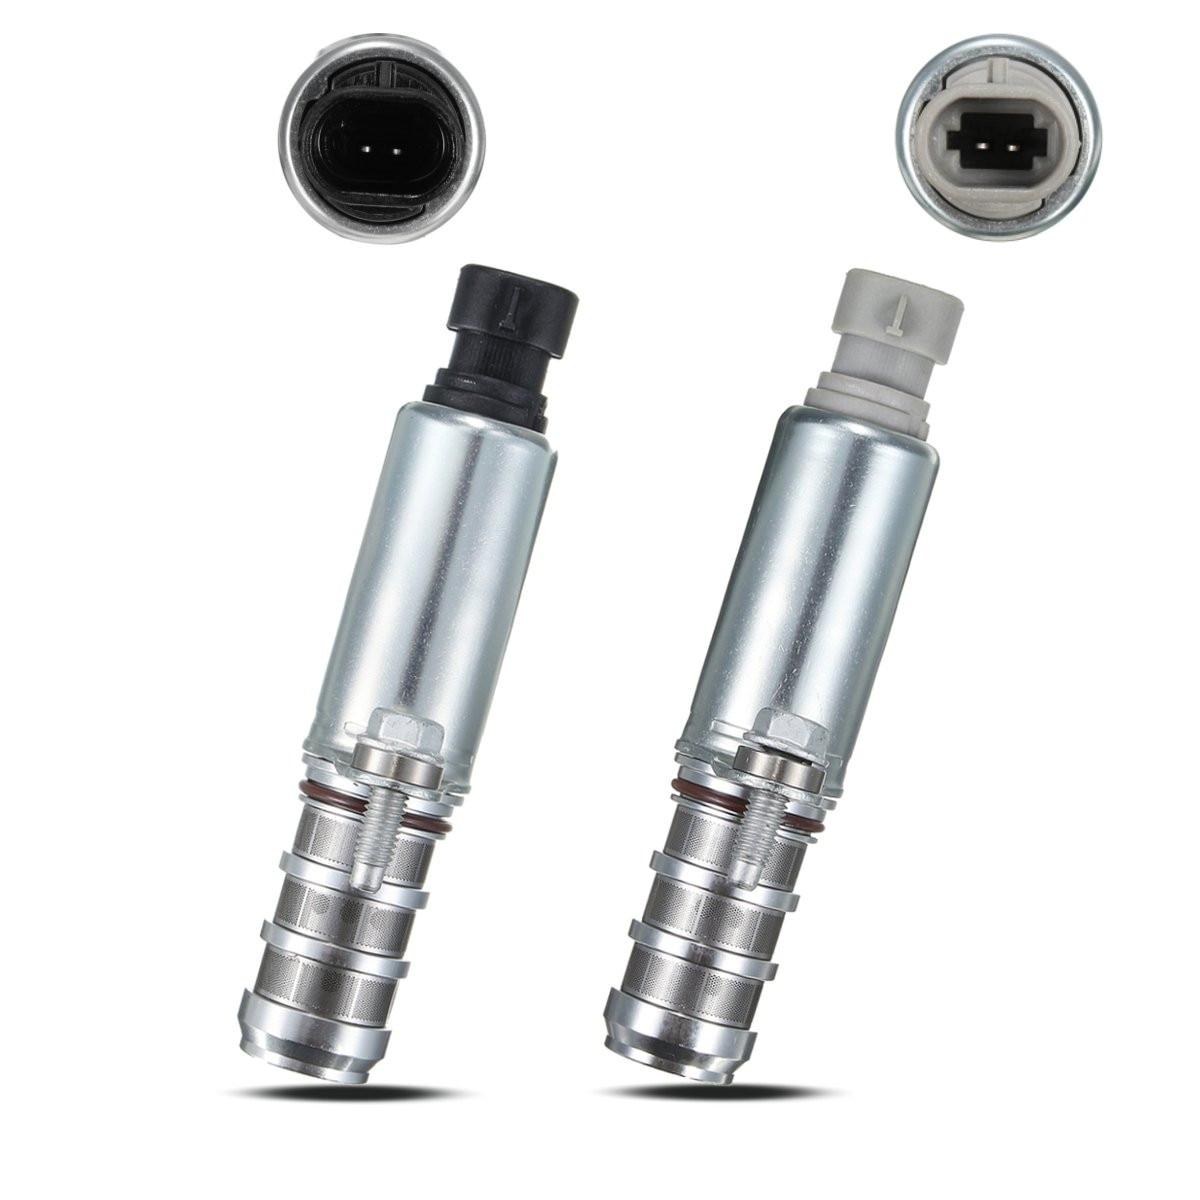 2x Intake & Exhaust Camshaft Position Actuator Solenoid